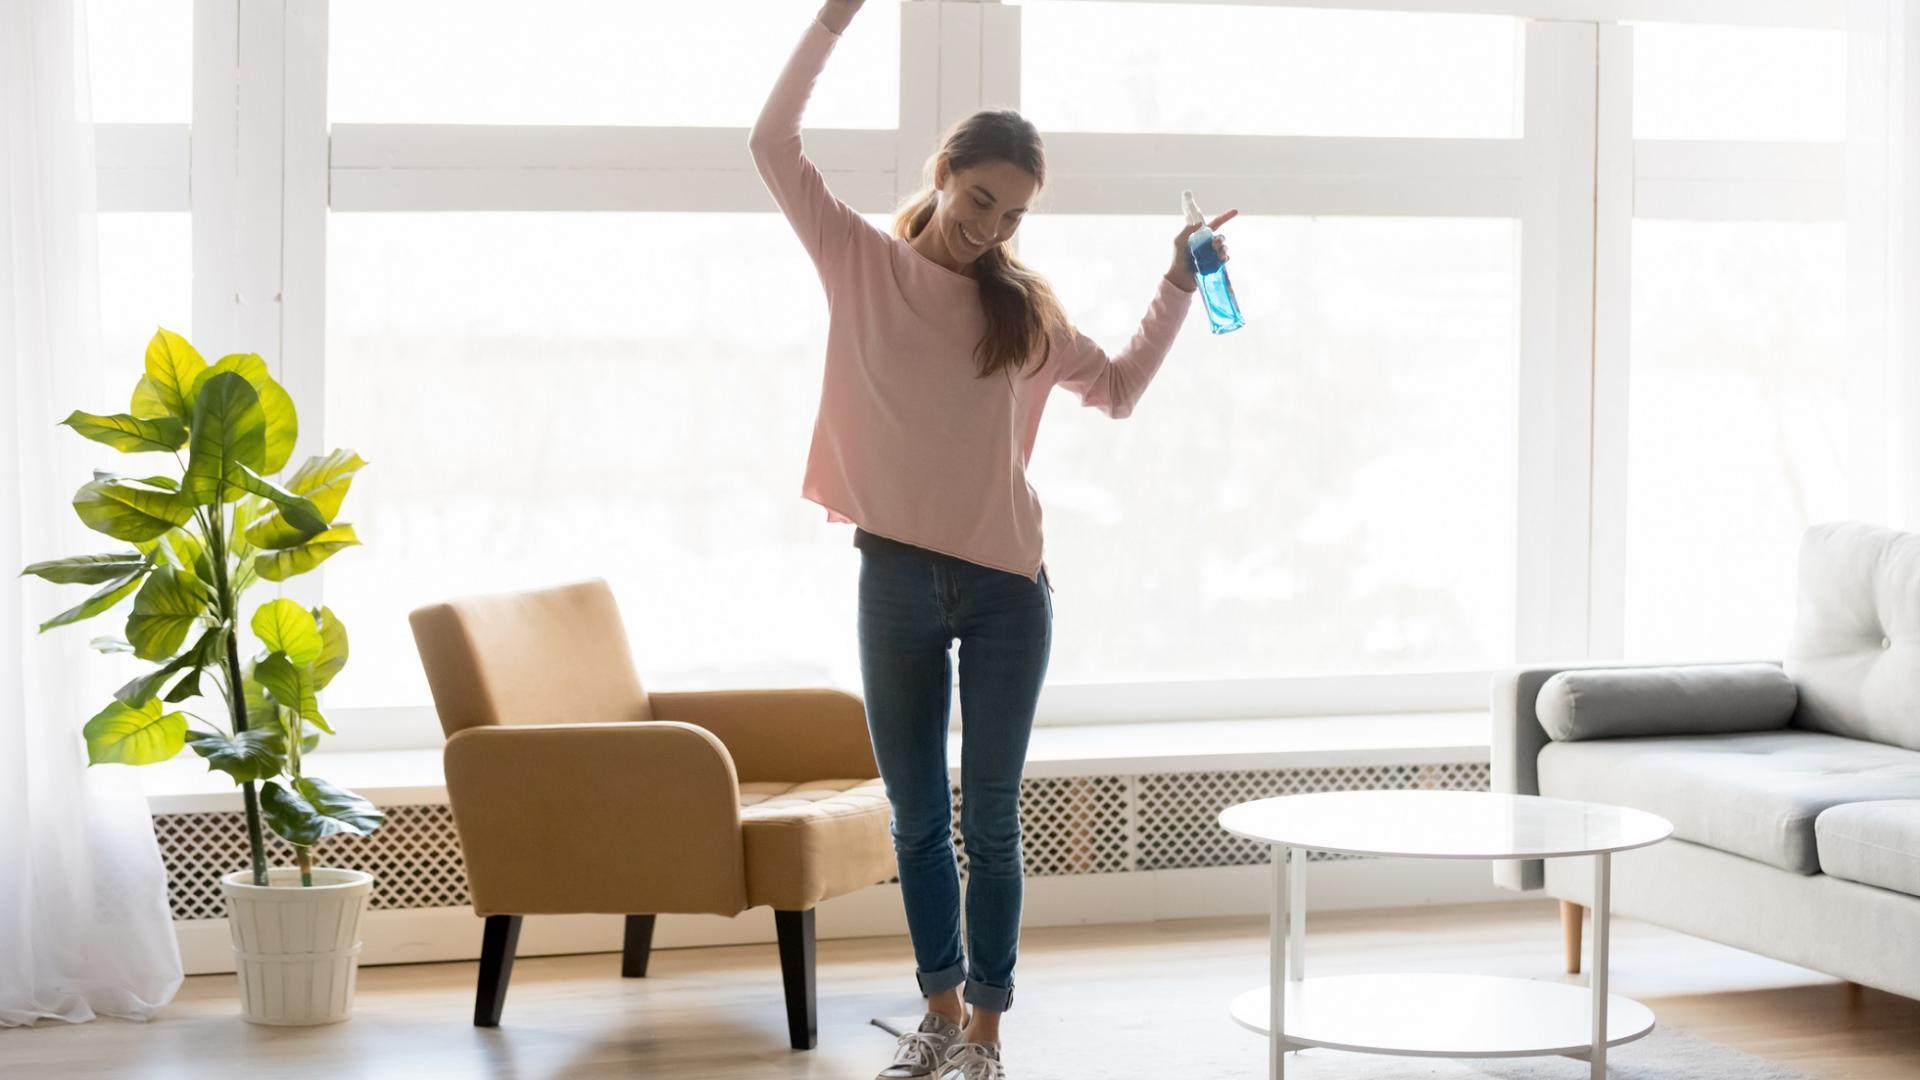 vollausgestreckte Frau in lockerer Kleidung tanzt durch die Wohnung